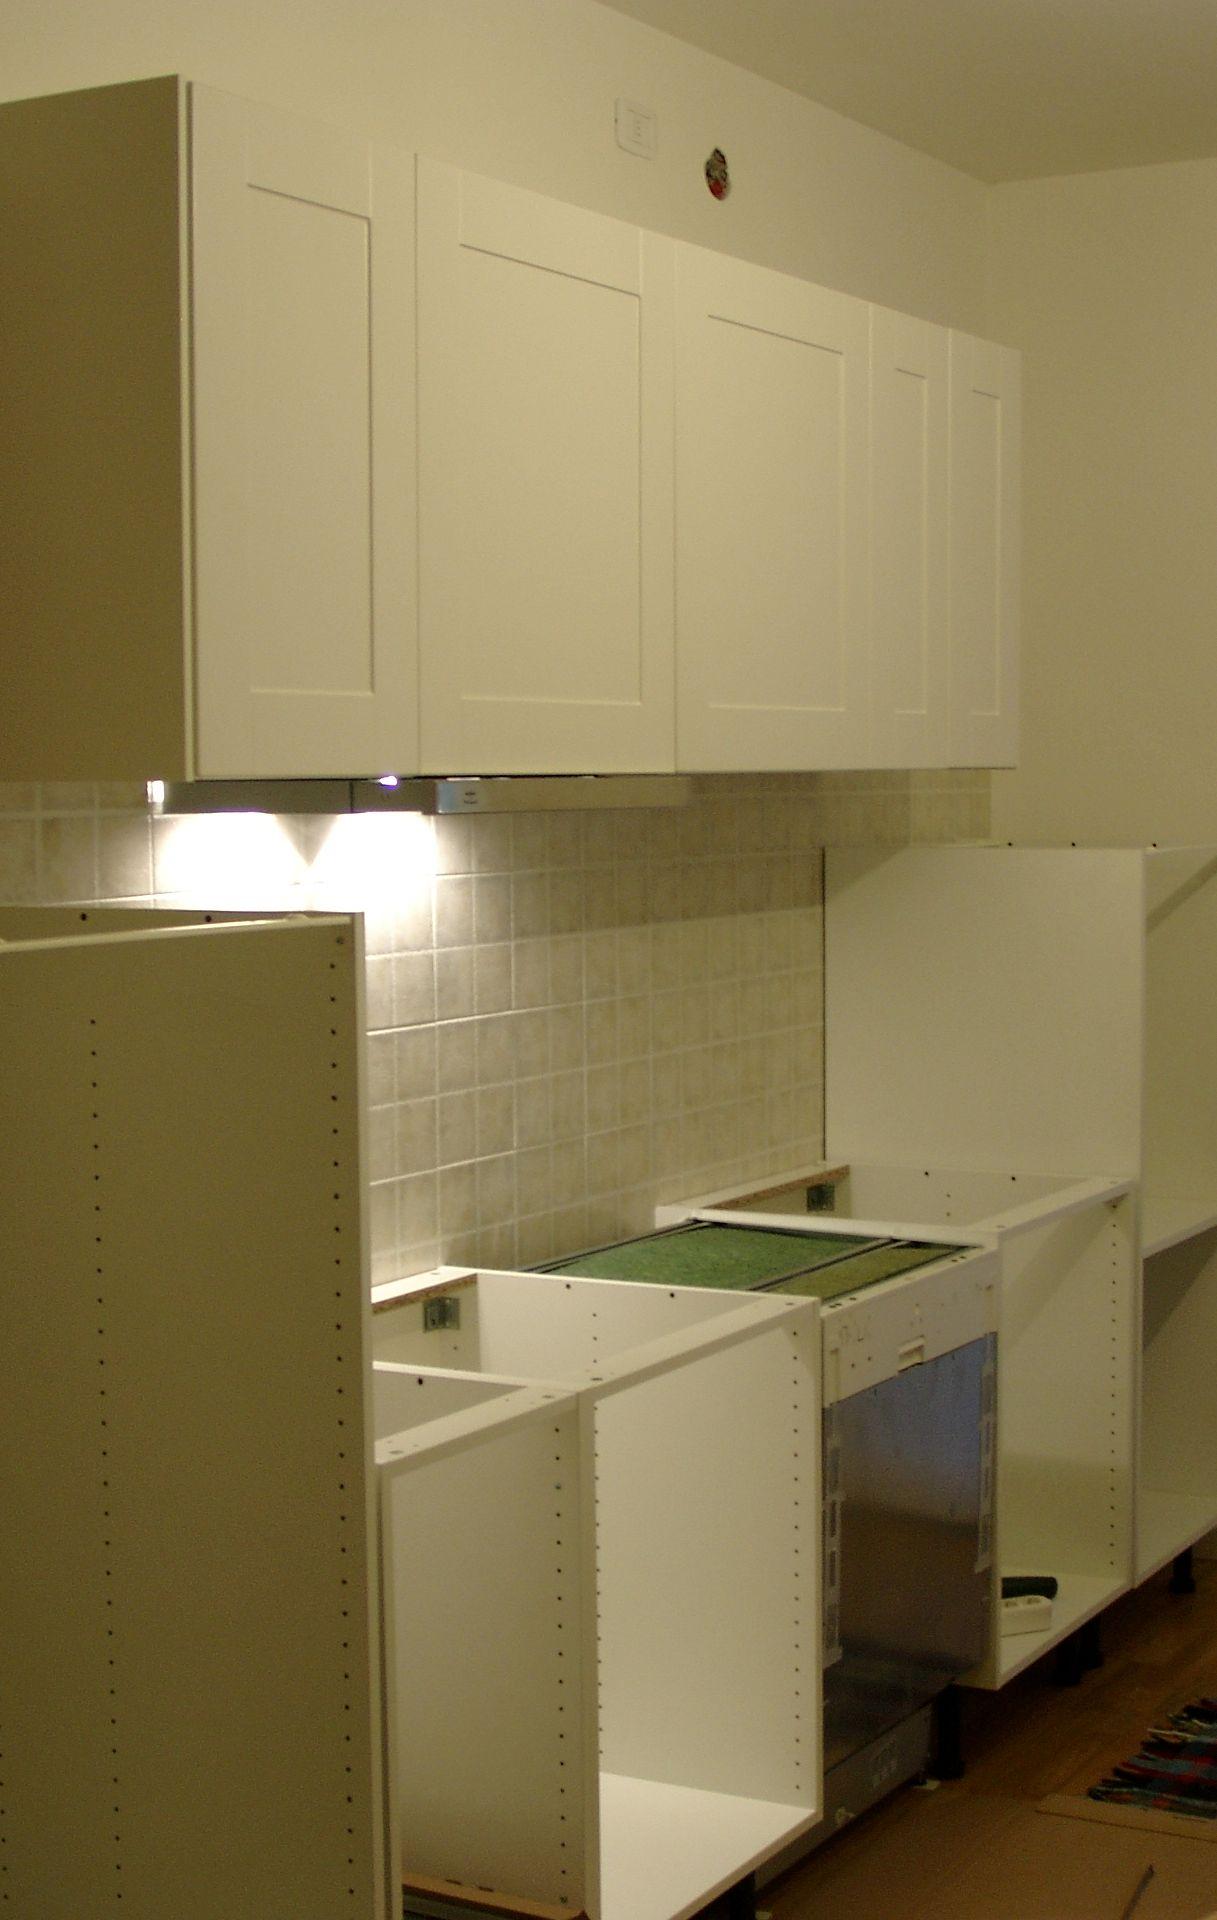 Cucina classica dell\'Ikea - Piano cottura di una cucina - Supereva